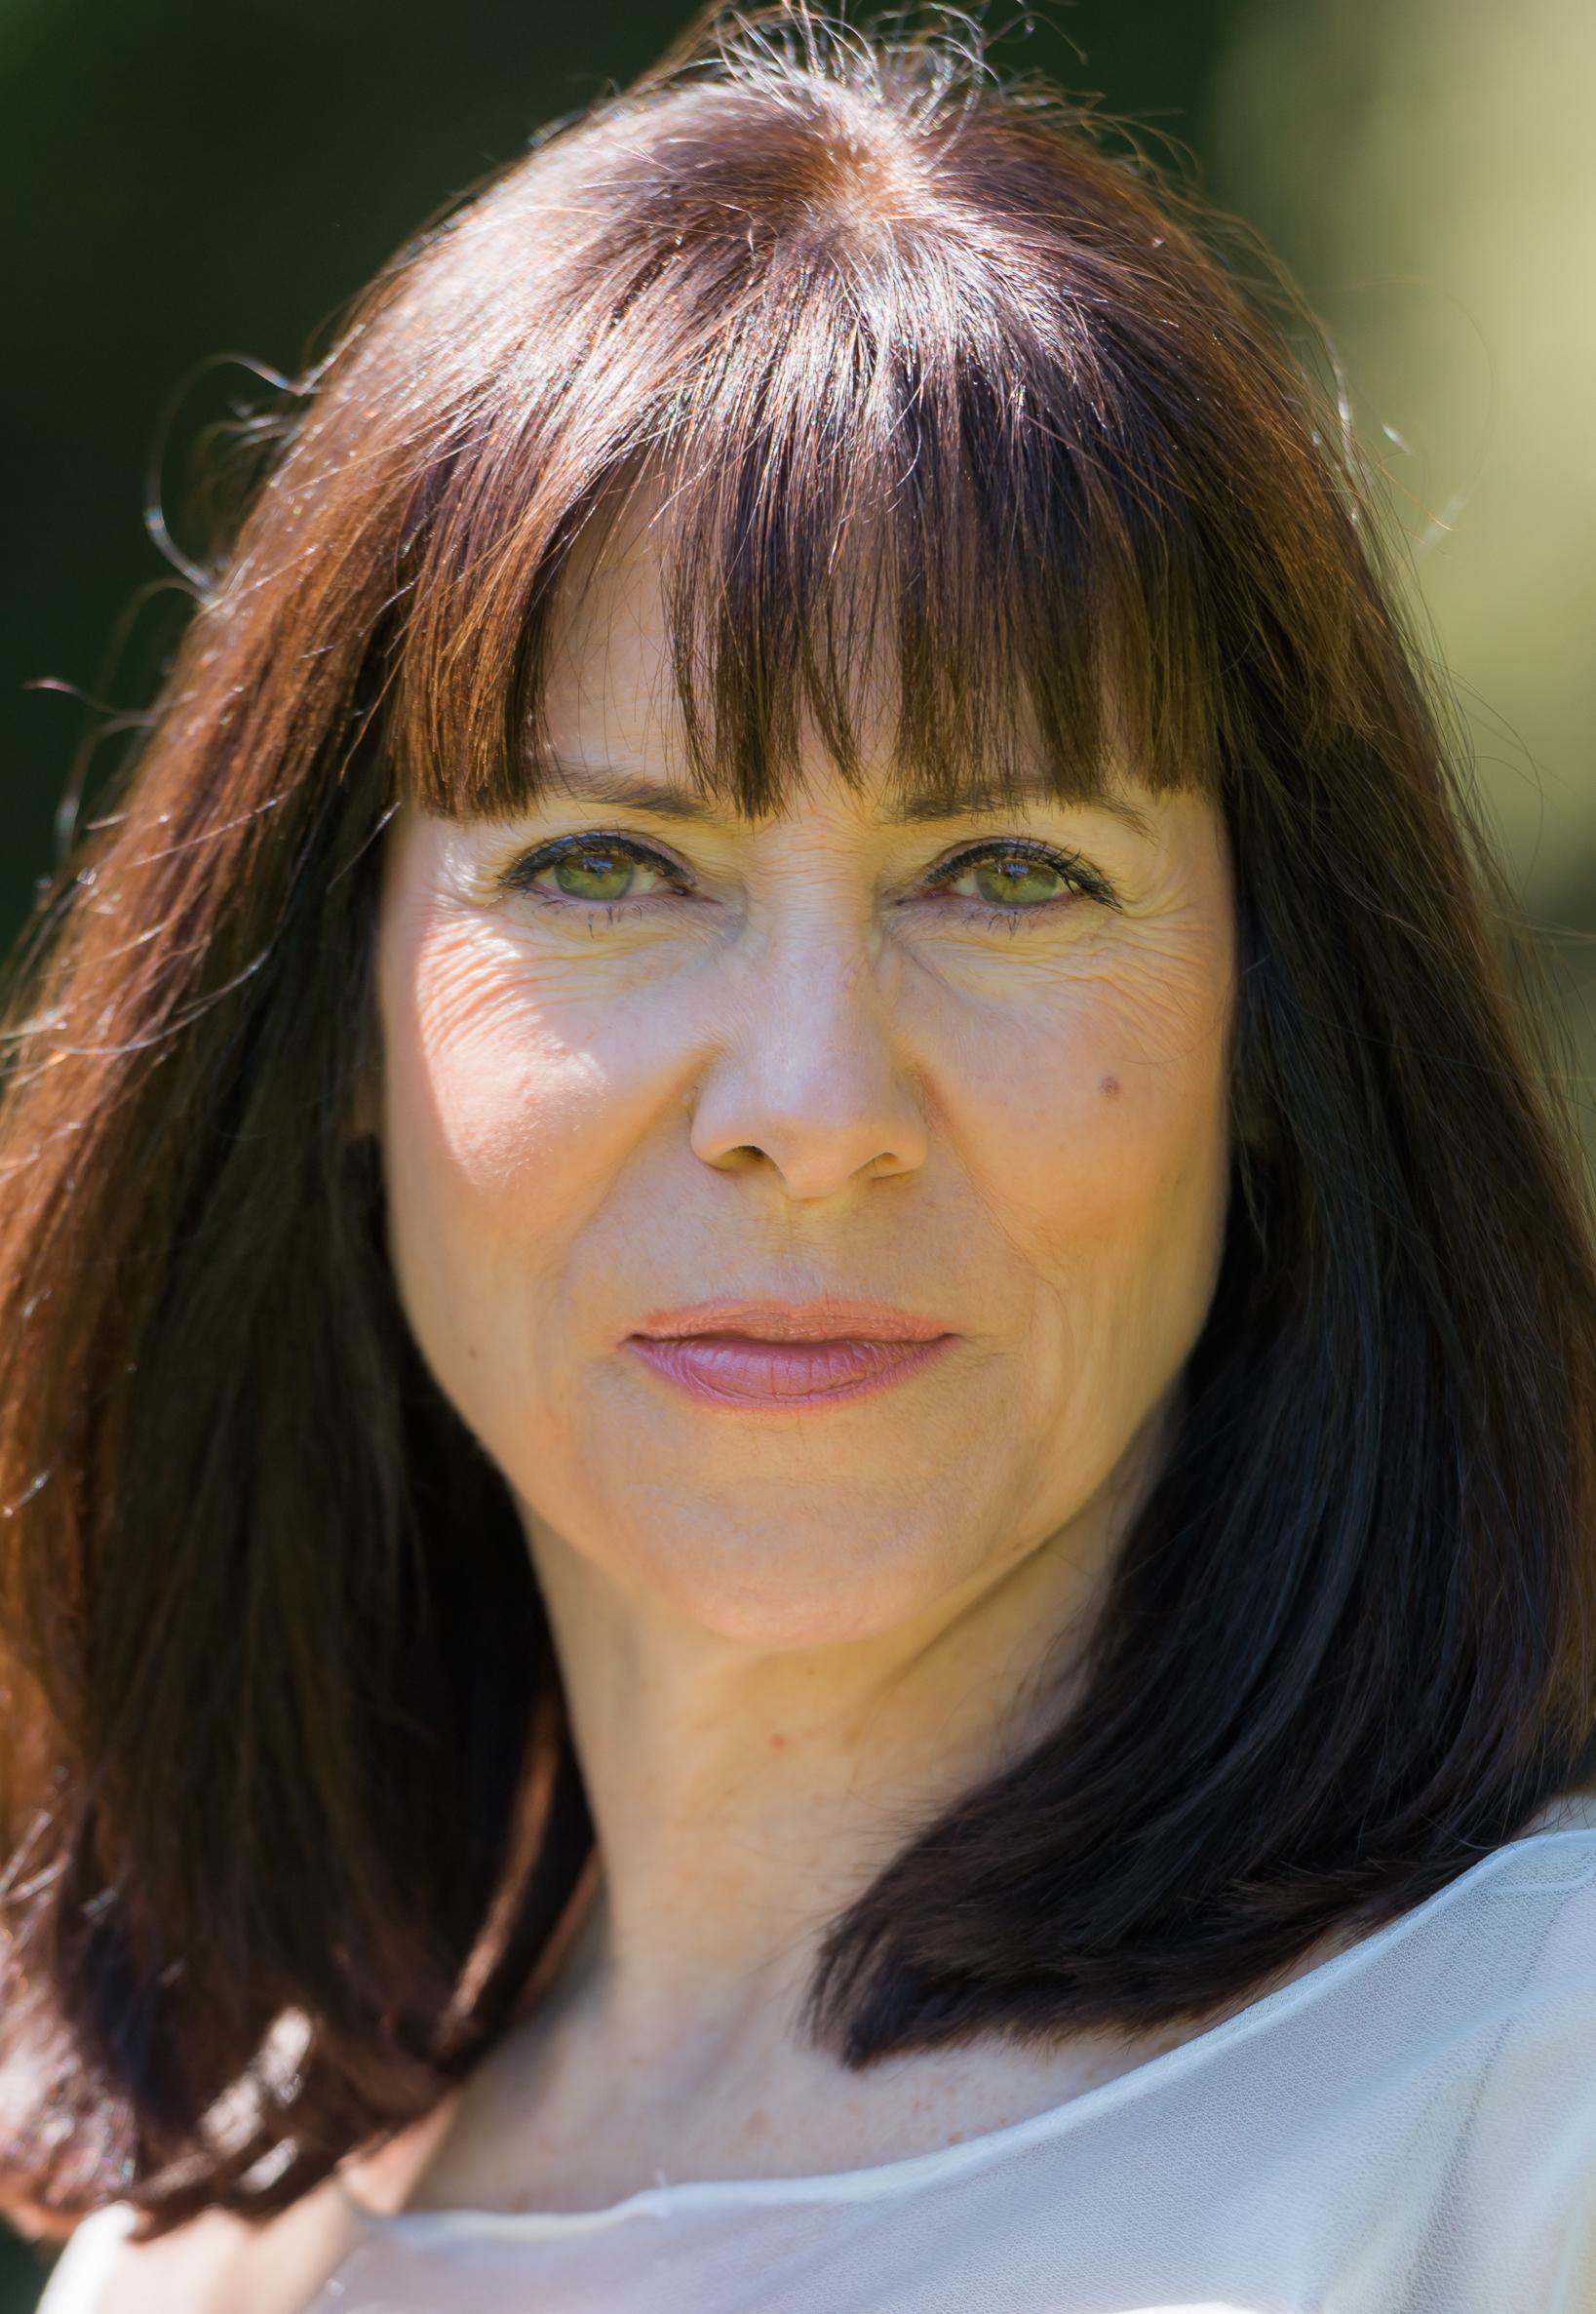 Christine Paulus von der IBM Unternehmenskommunikation in DACH, photo by Falk, Luisenthal 2016